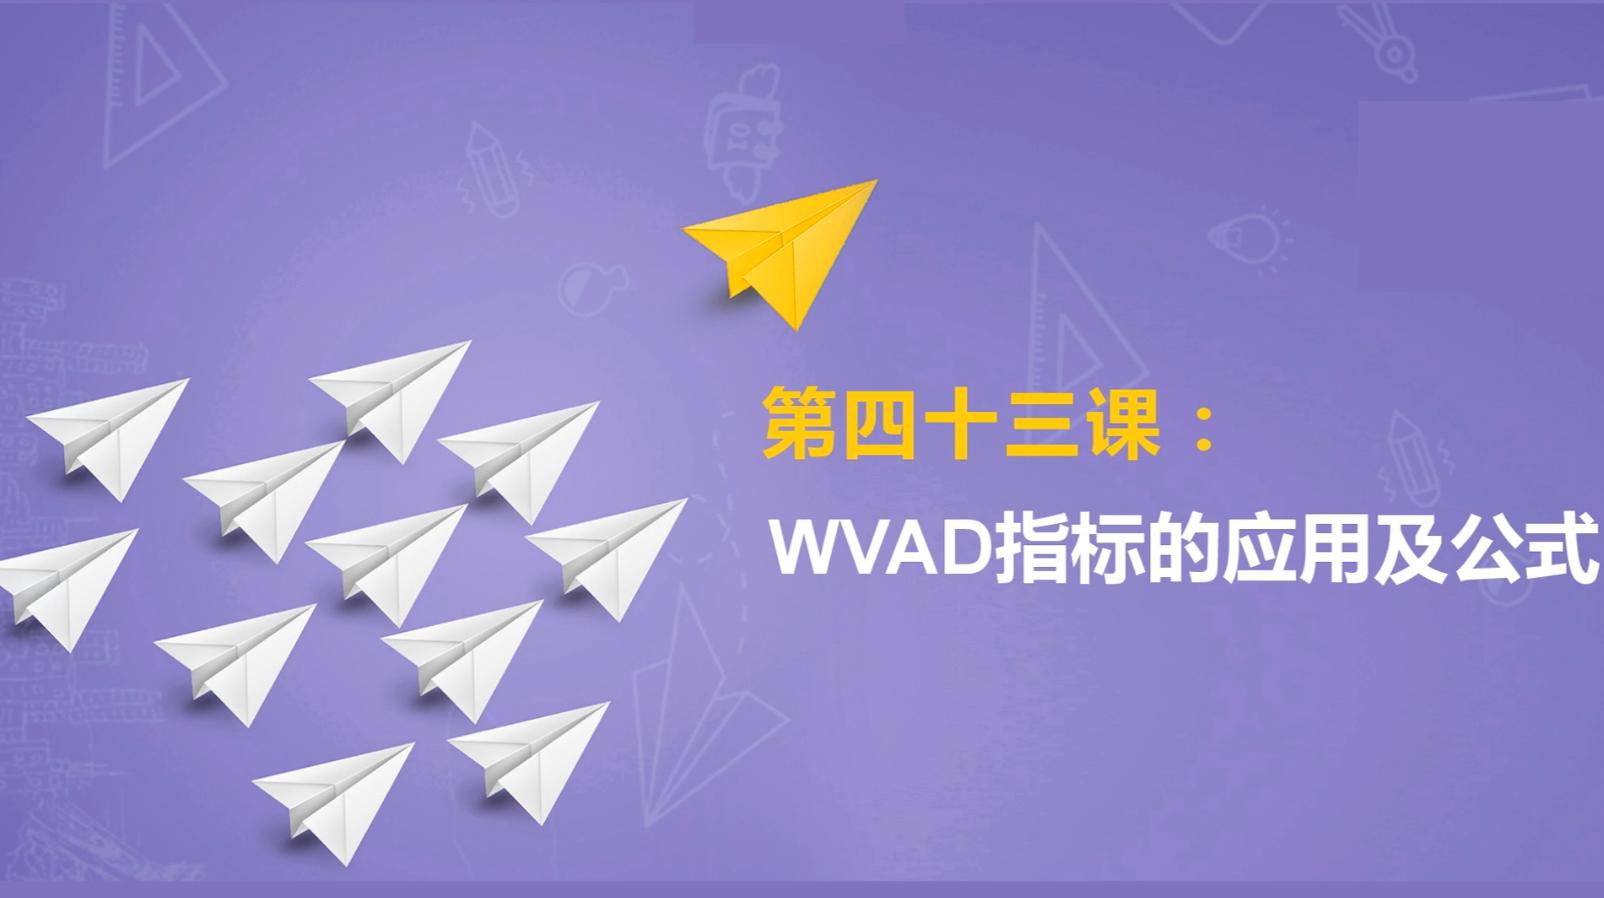 小白课堂43课:WVAD指标的实战应用,计算公式